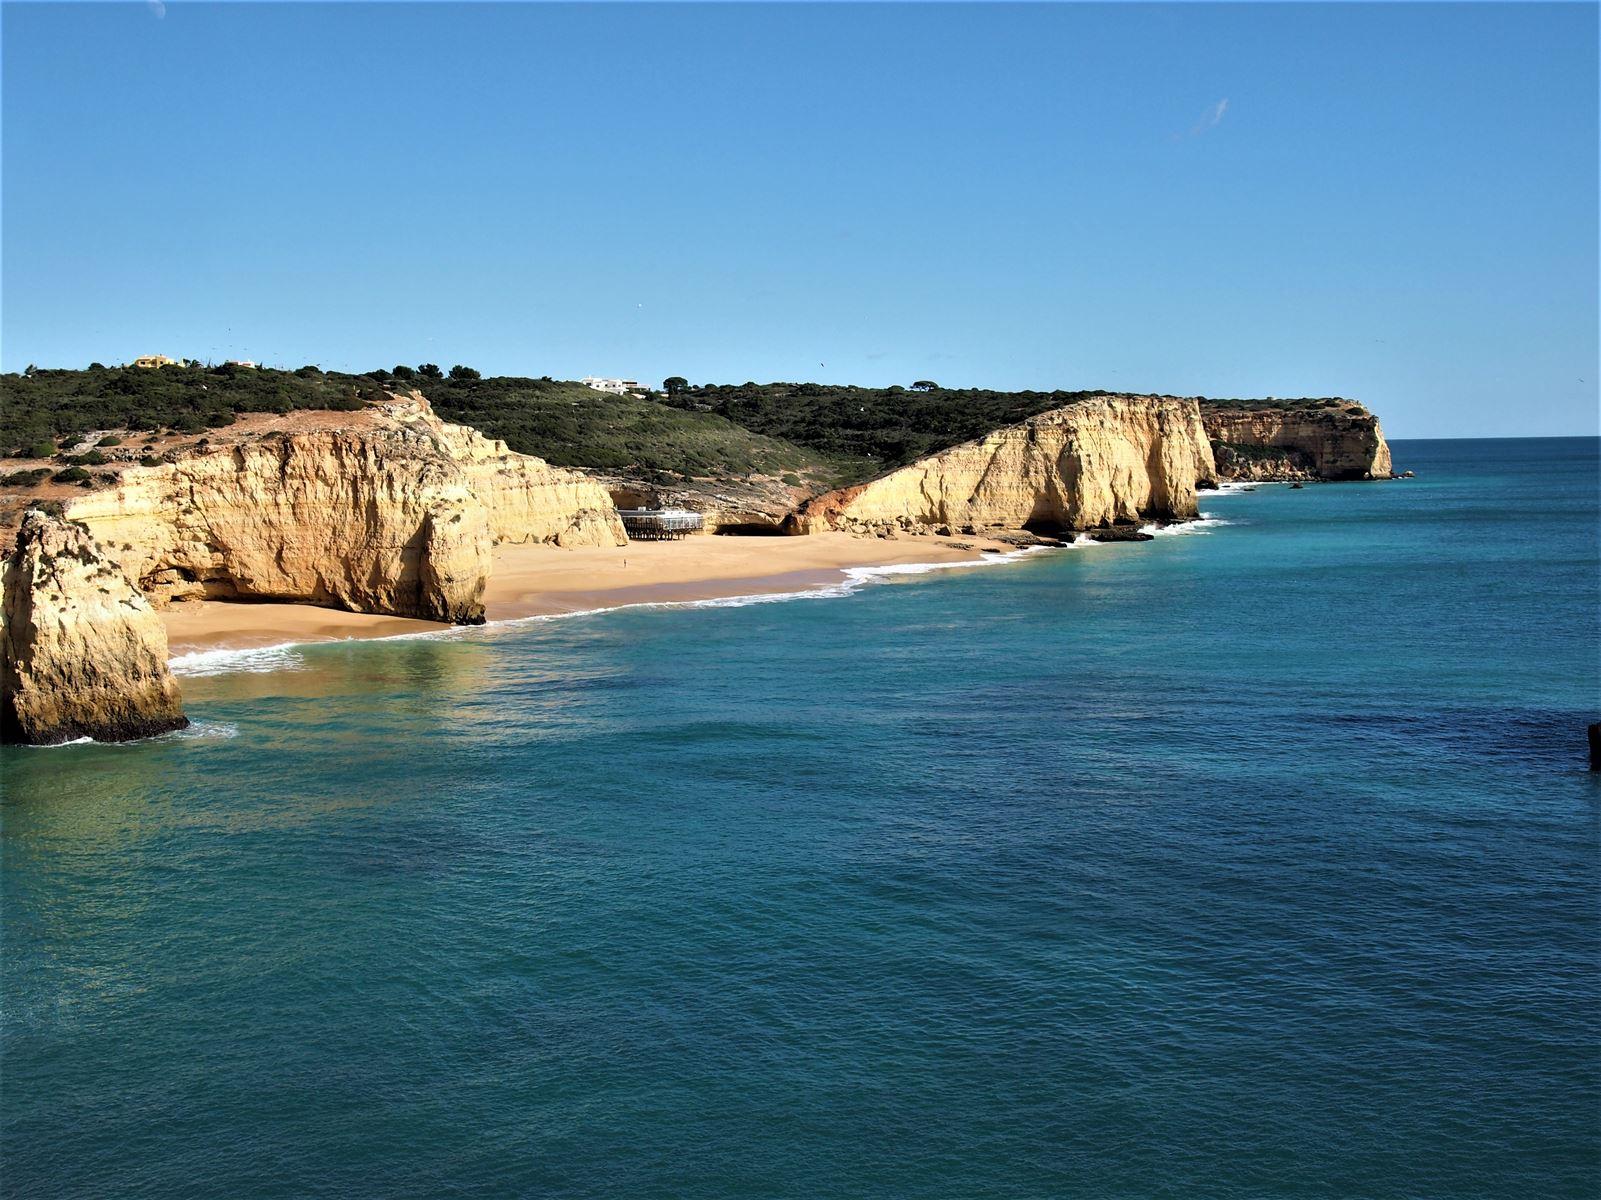 Praia dos Caneiros - view from Ponto do Altar, Ferragudo, Algarve